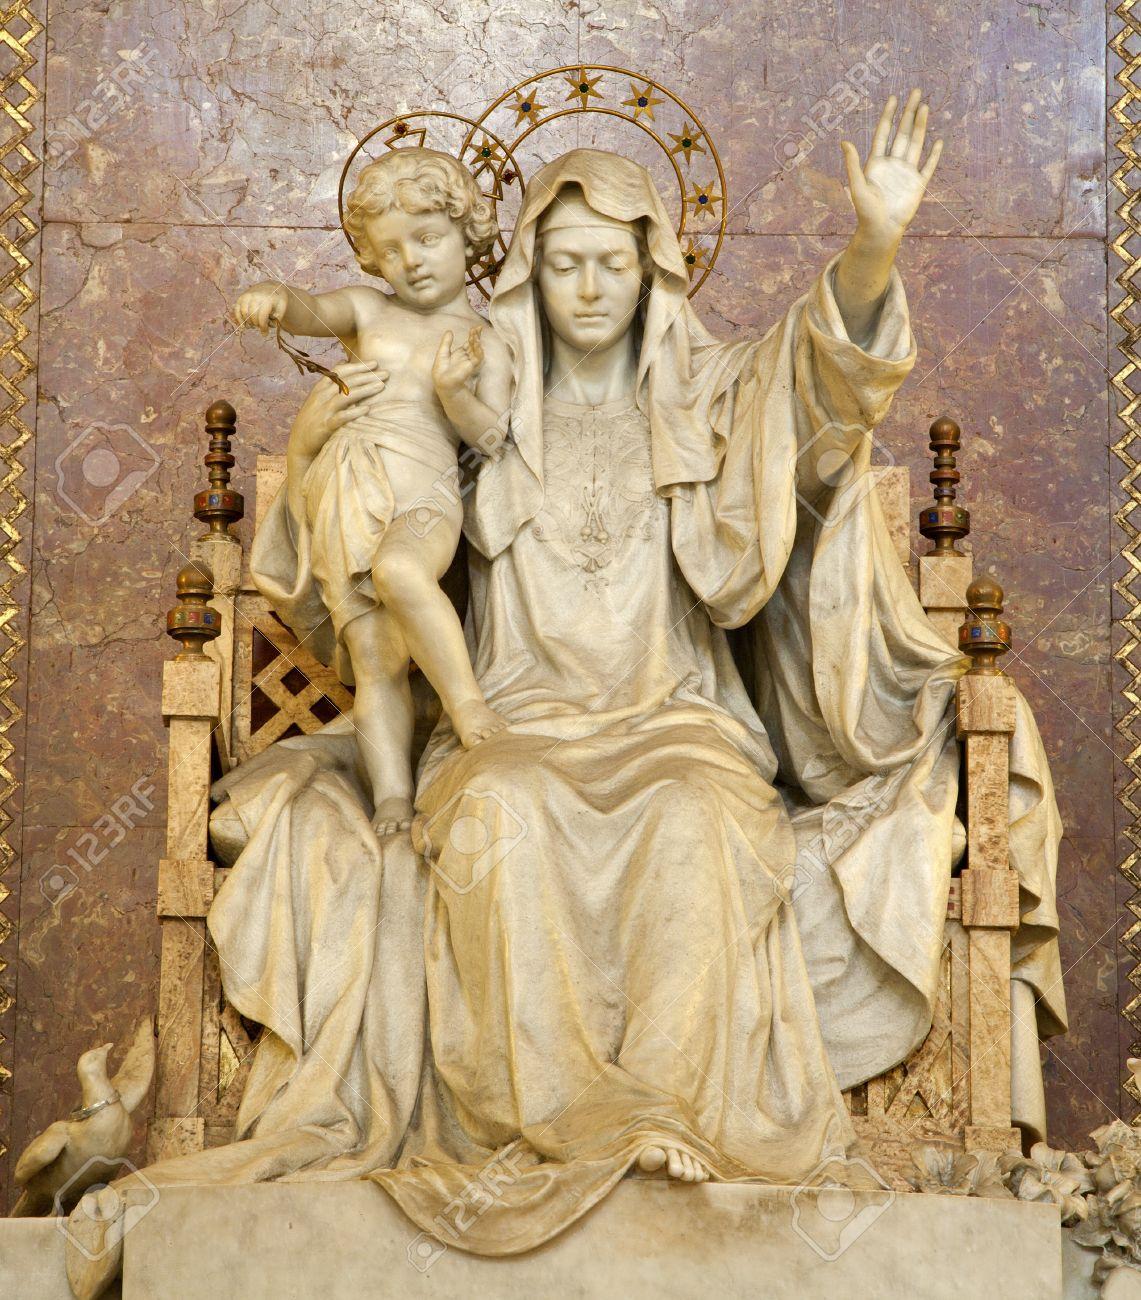 14986728-Rome-statue-of-Mother-of-Jesus-from-Santa-Maria-Maggiore-basilica-Stock-Photo